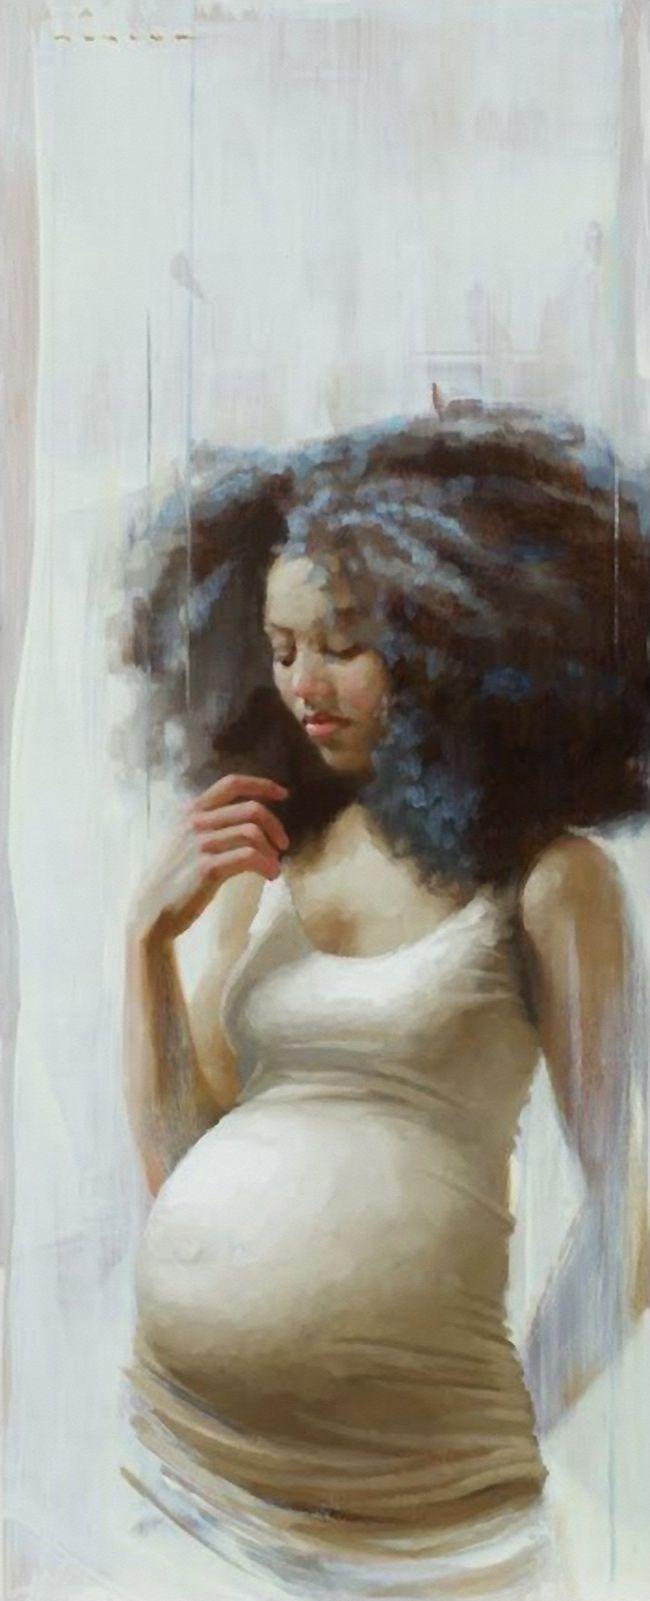 9424b0e1ca599a616541ec7fded7152d--african-american-art-african-art